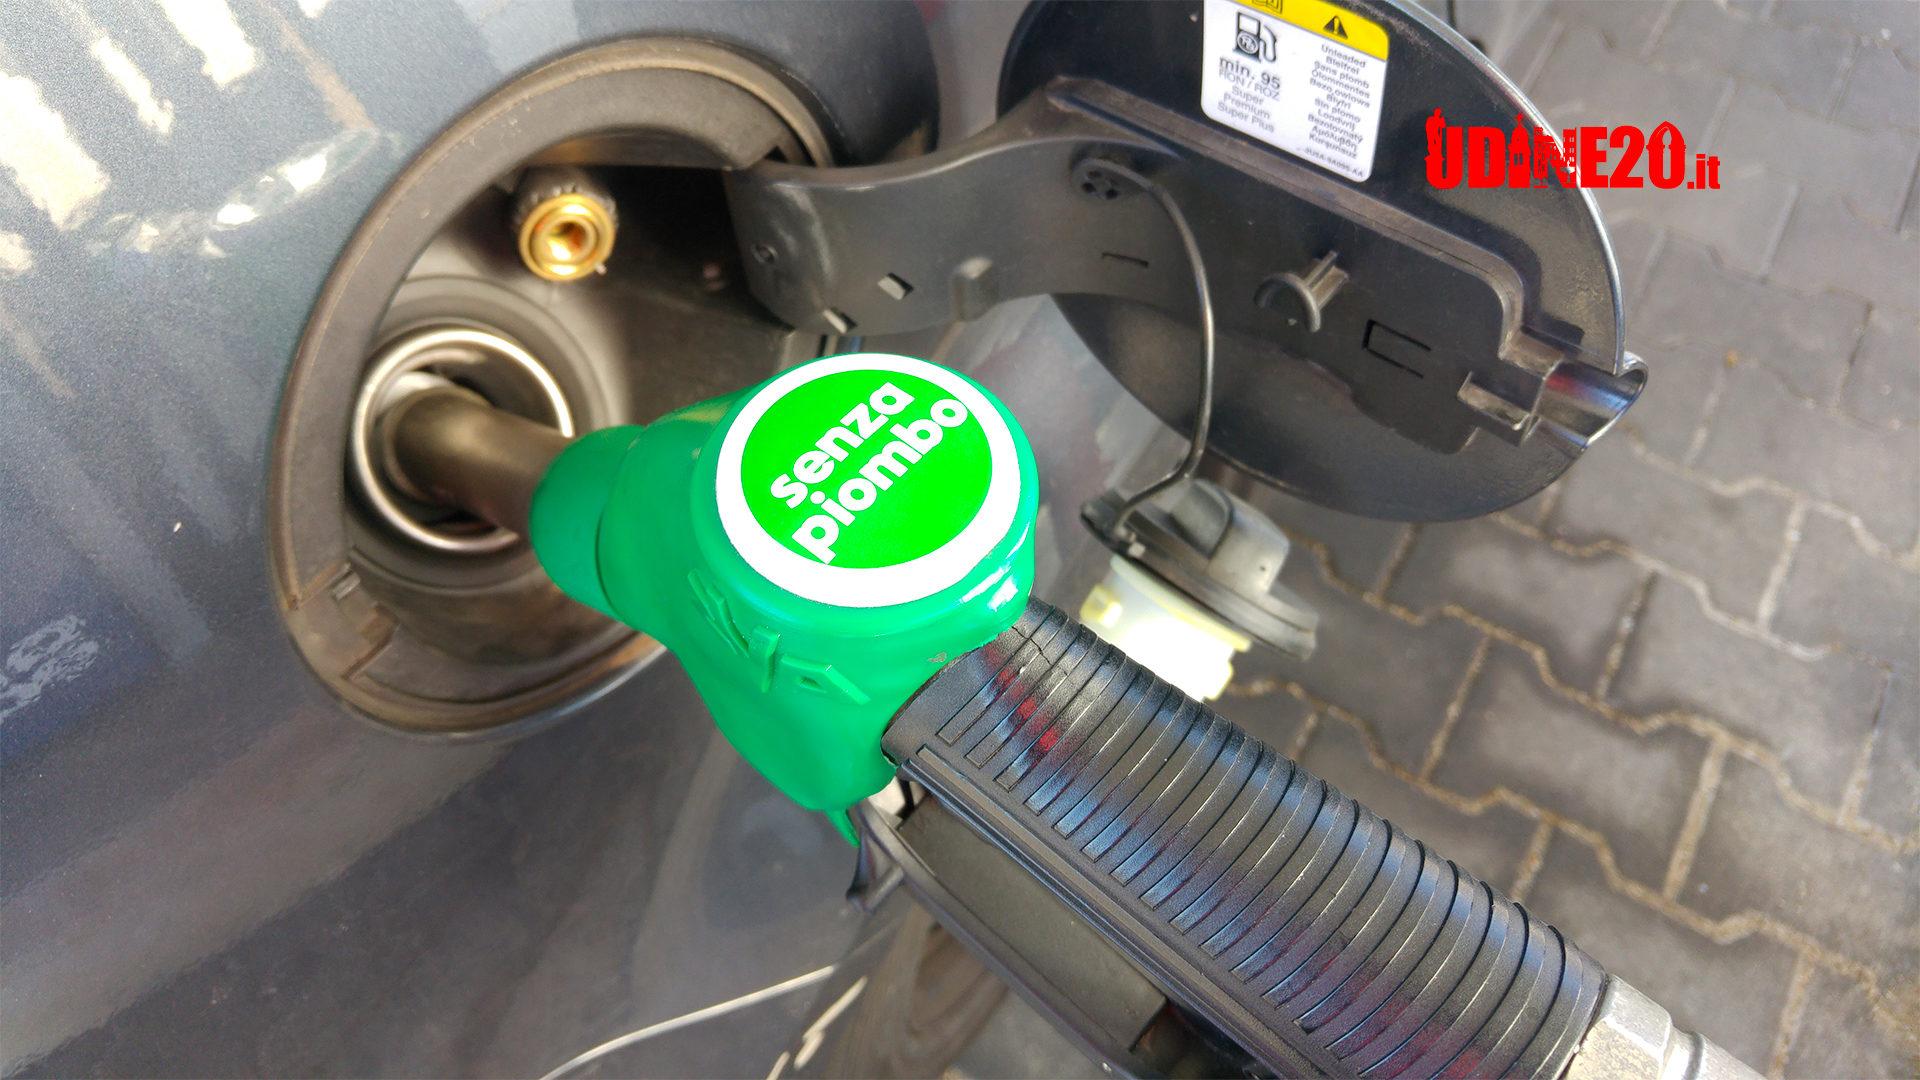 Super sconto benzina |  prorogato per tutto marzo in Zona 1